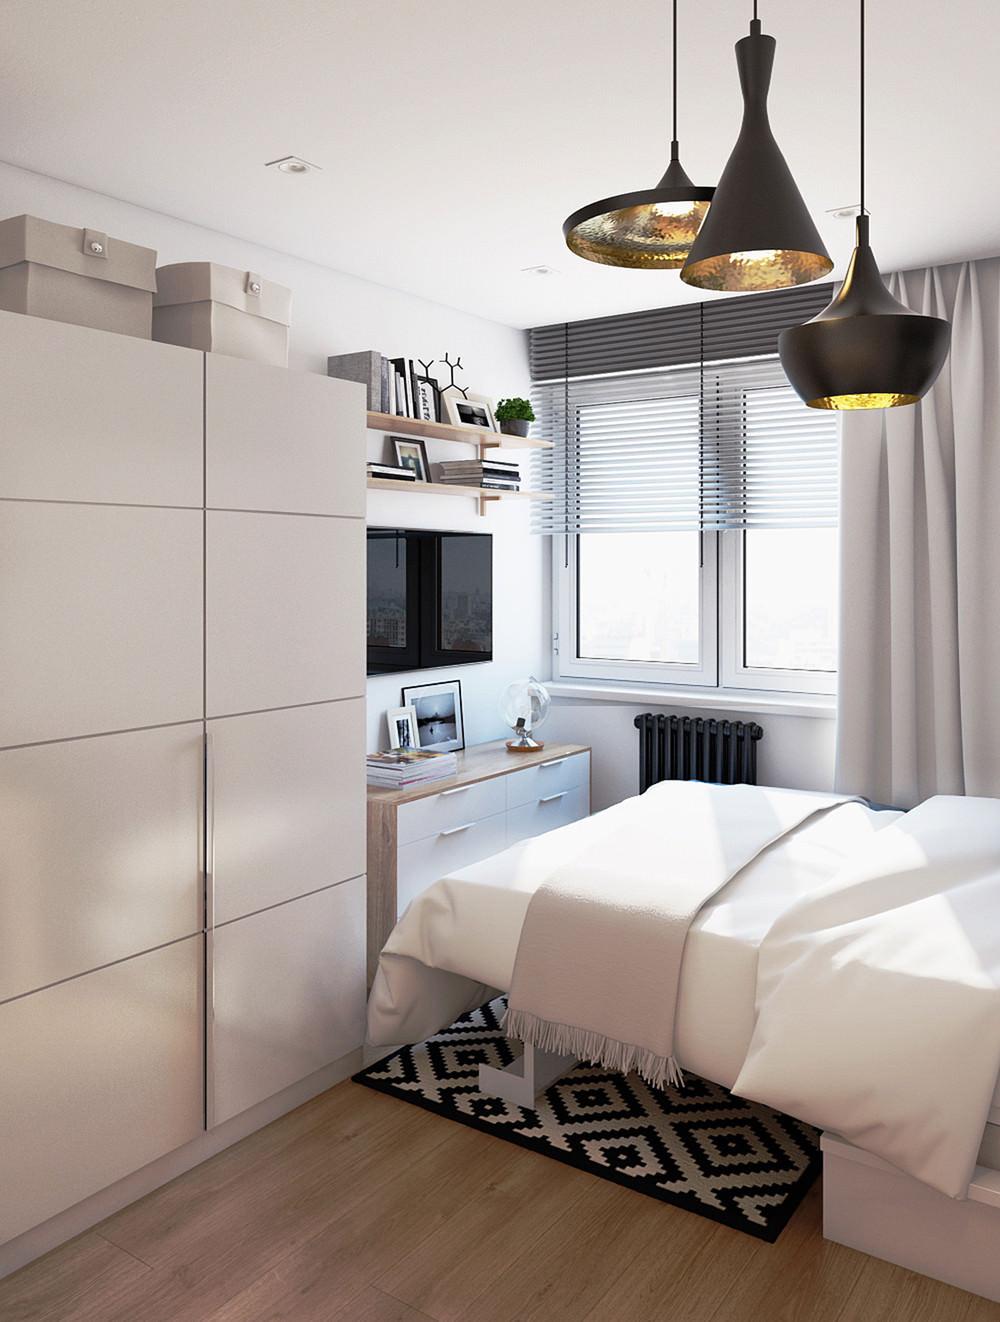 mini-studio-pokazva-ideen-interior-s-multifunktsionalni-mebeli-19-m-7g